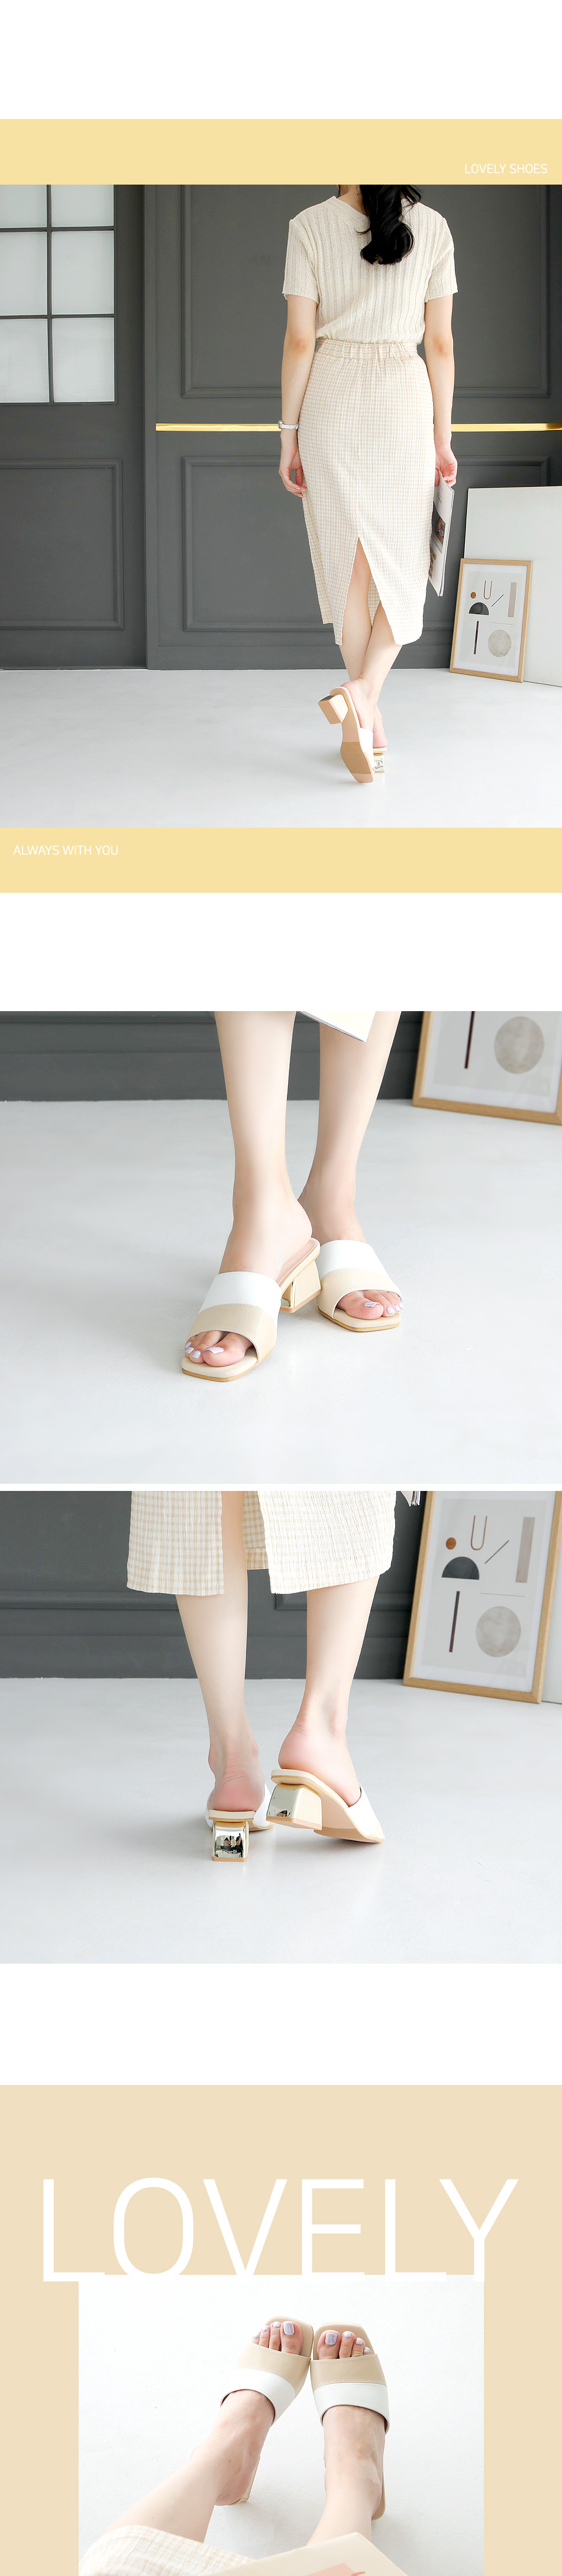 Lviv mule slippers 5cm